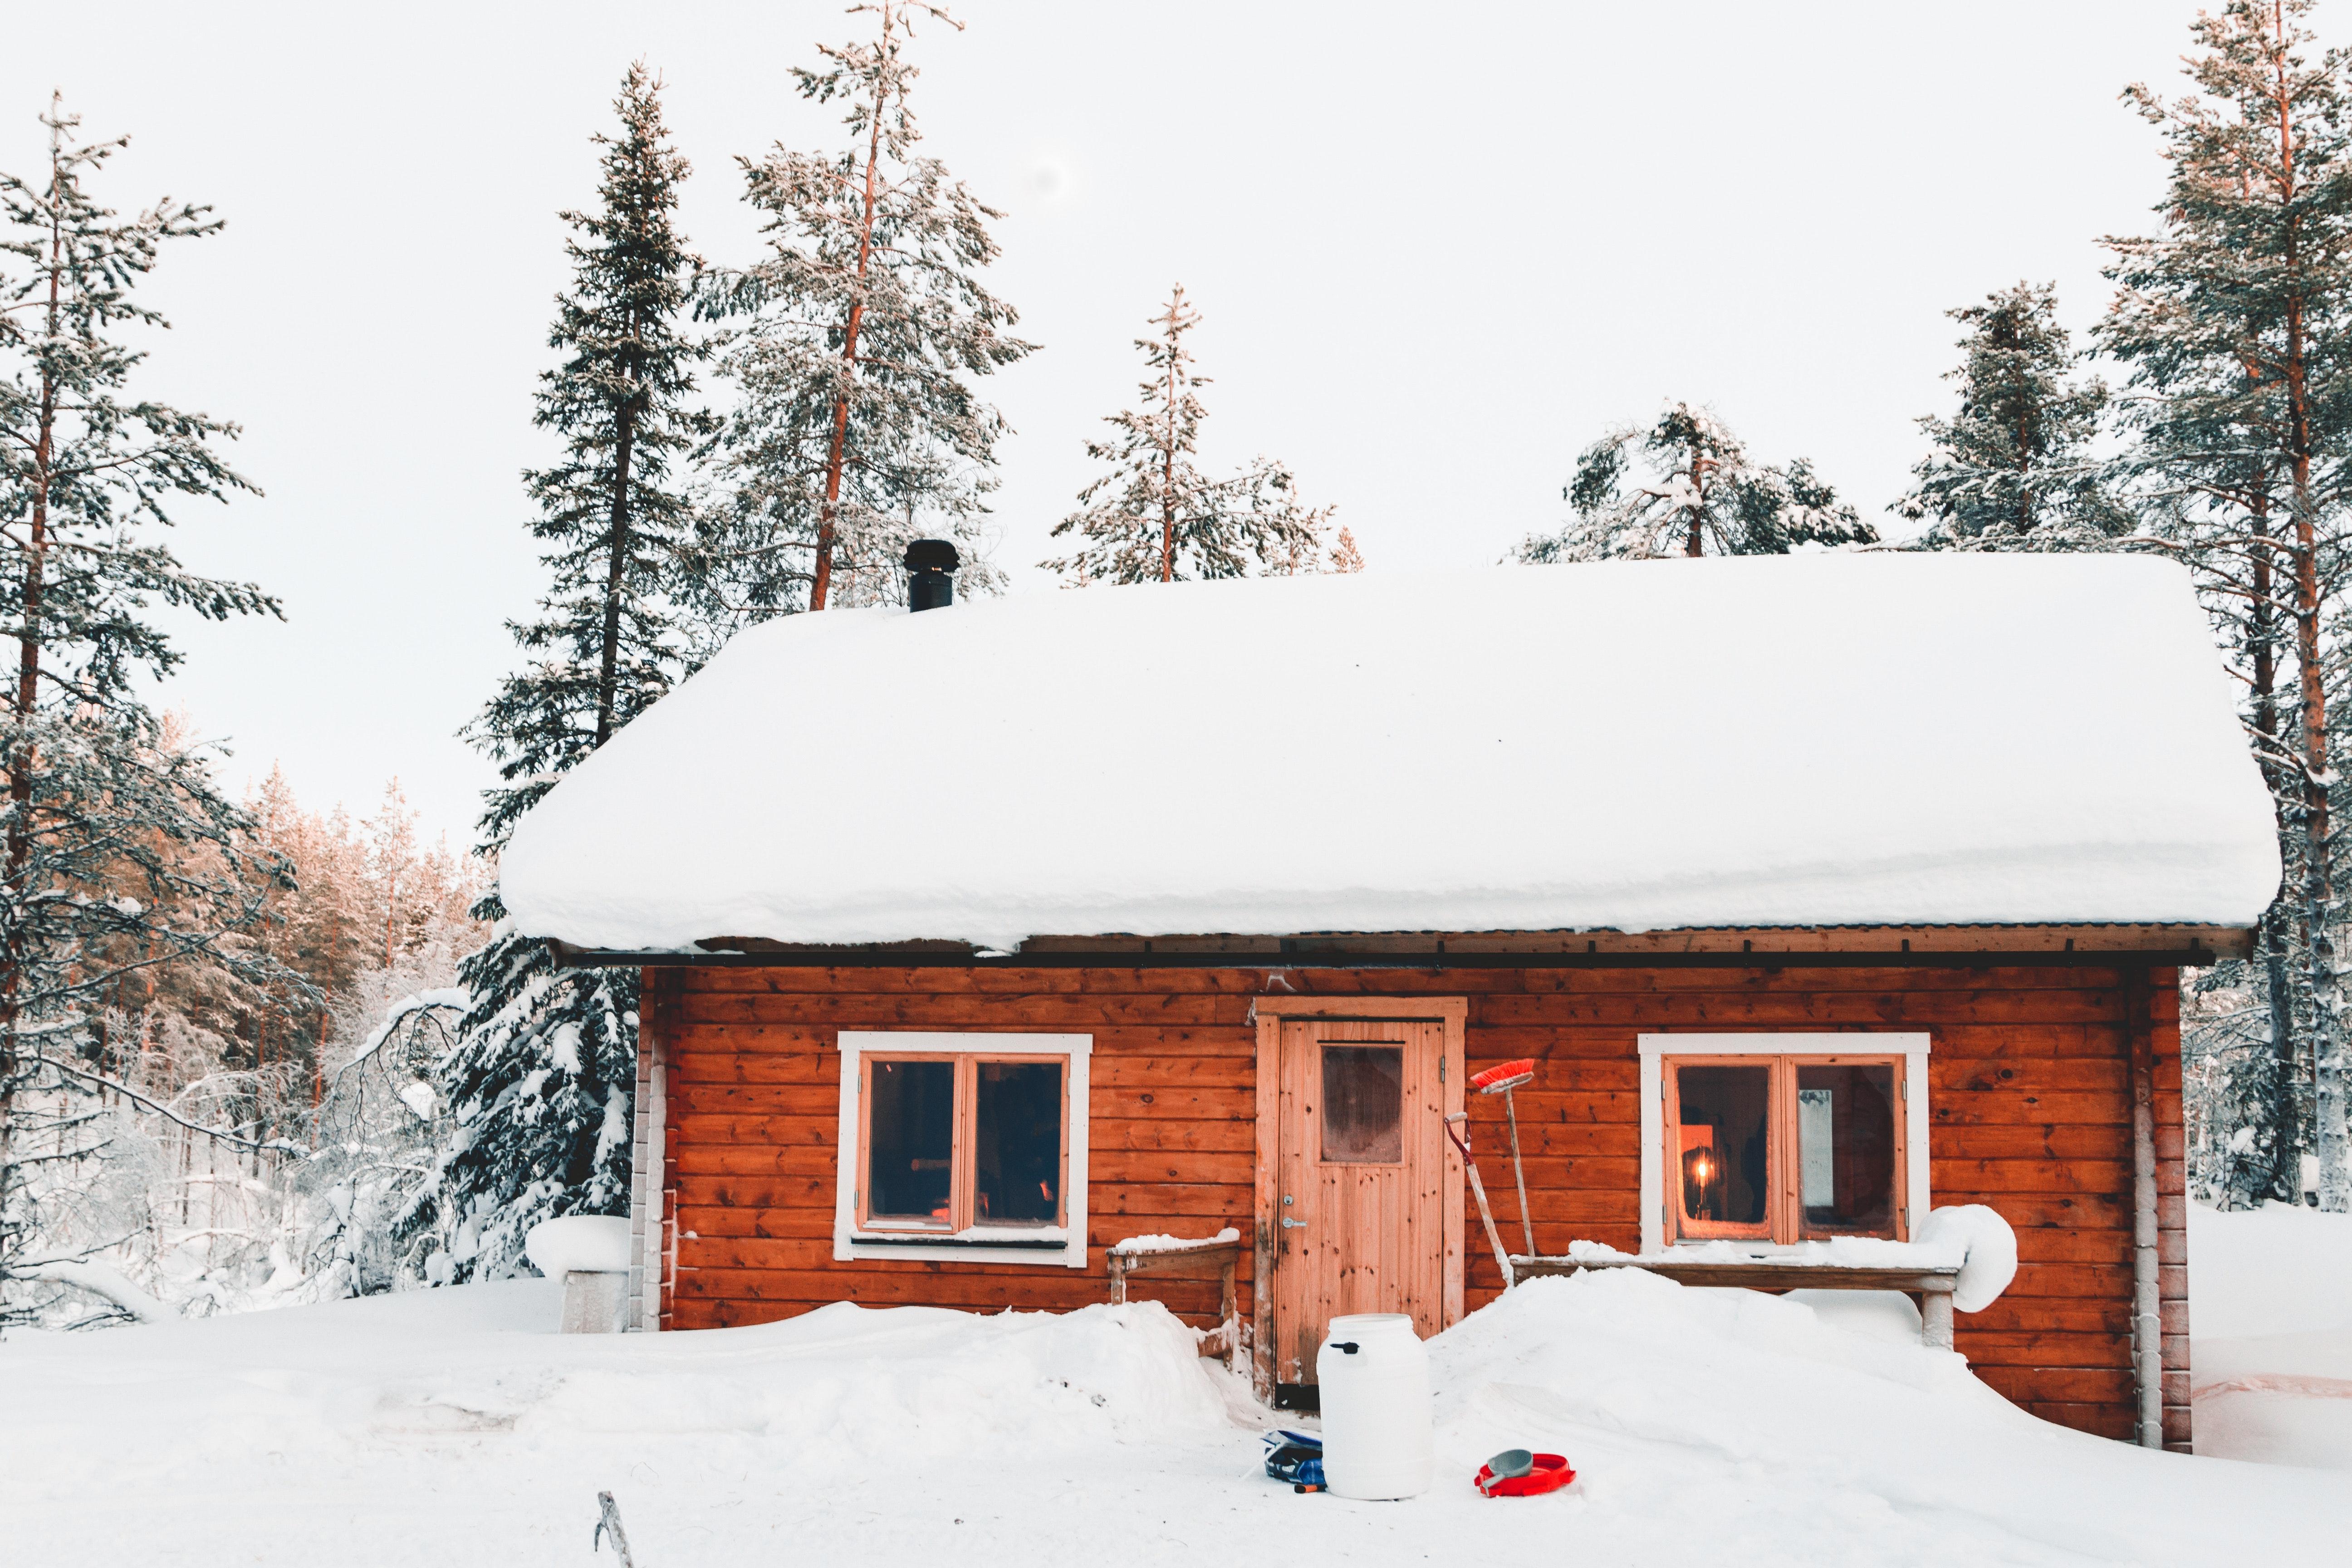 Bahn-Larsen - Stiga sneslynge og Stihl motorsav